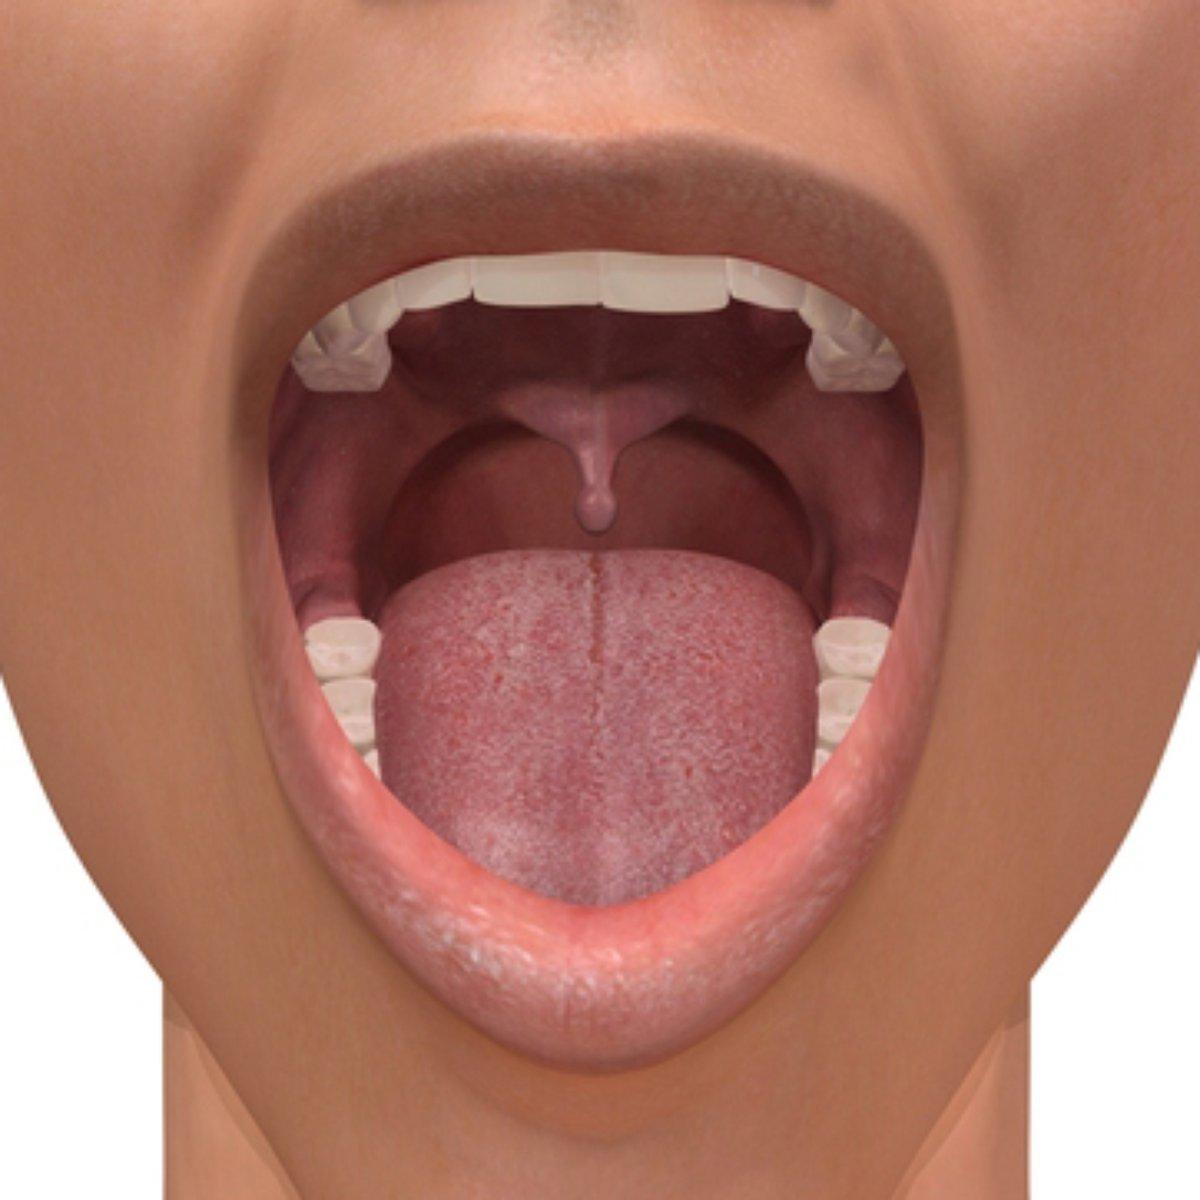 cancer na boca por hpv papiloma humano contagio por jabon